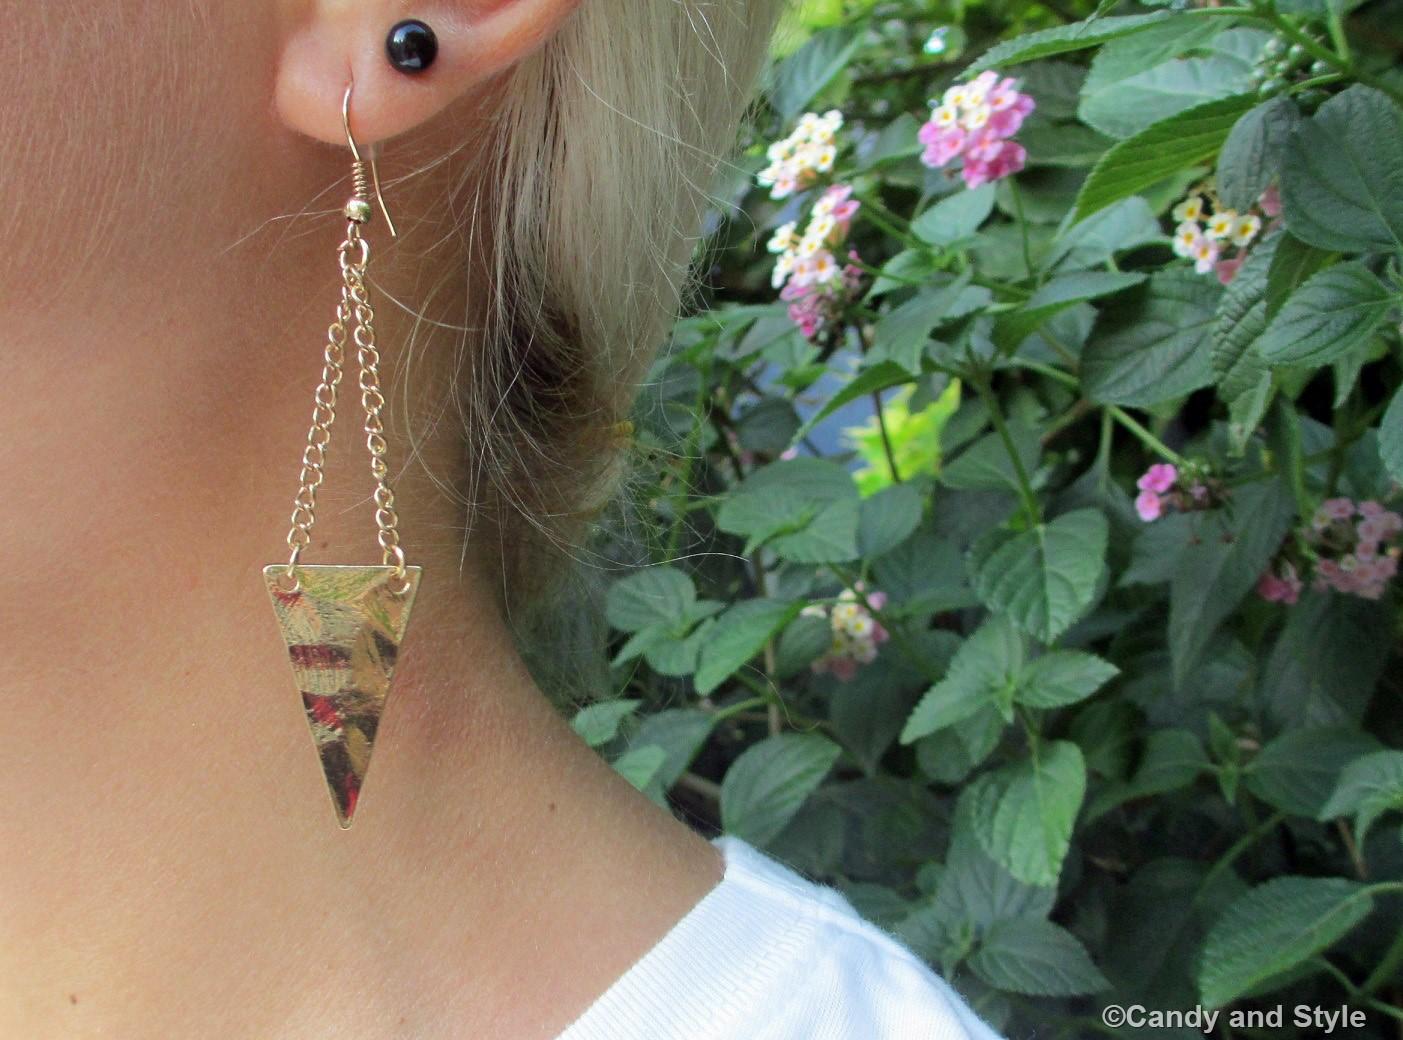 Earrings - Details